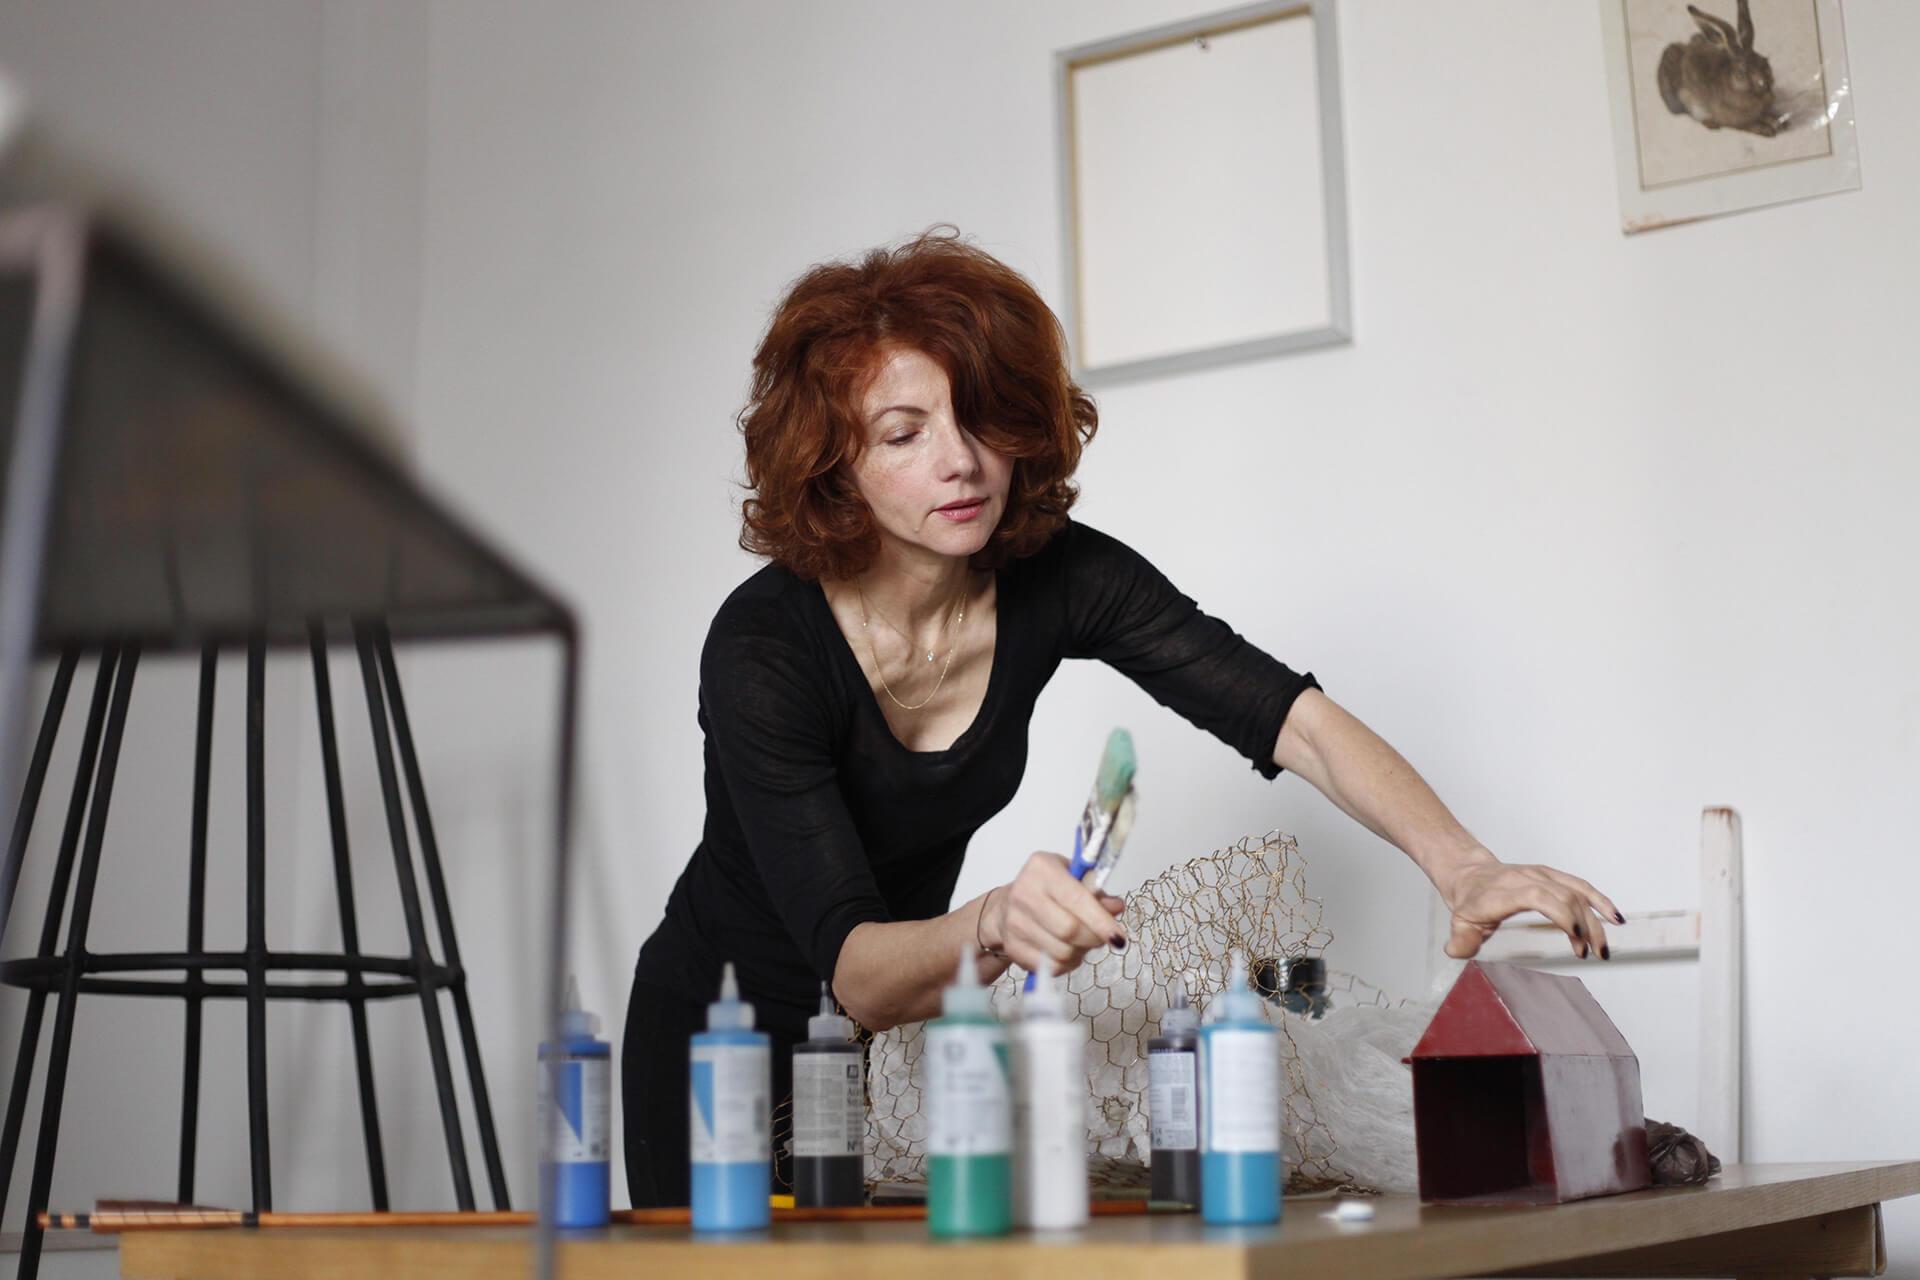 Amina Benbouchat, portrait de l'artiste contemporaine avec des peintures